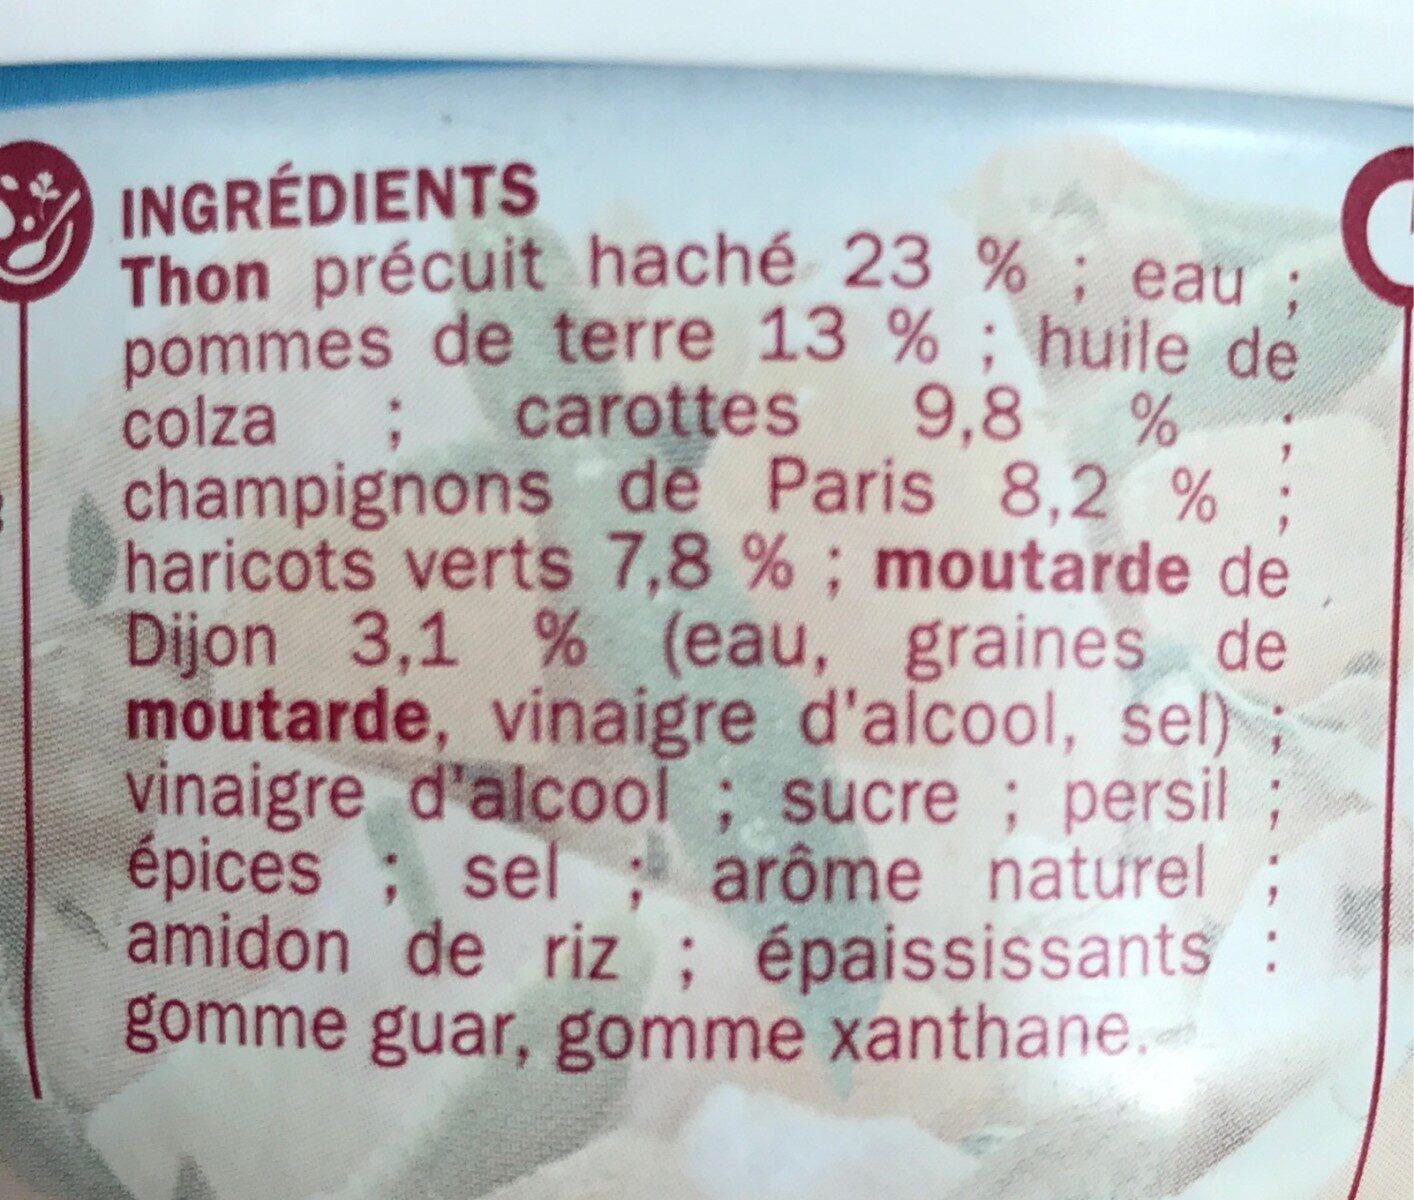 Salade parisenne au thon - Ingrédients - fr